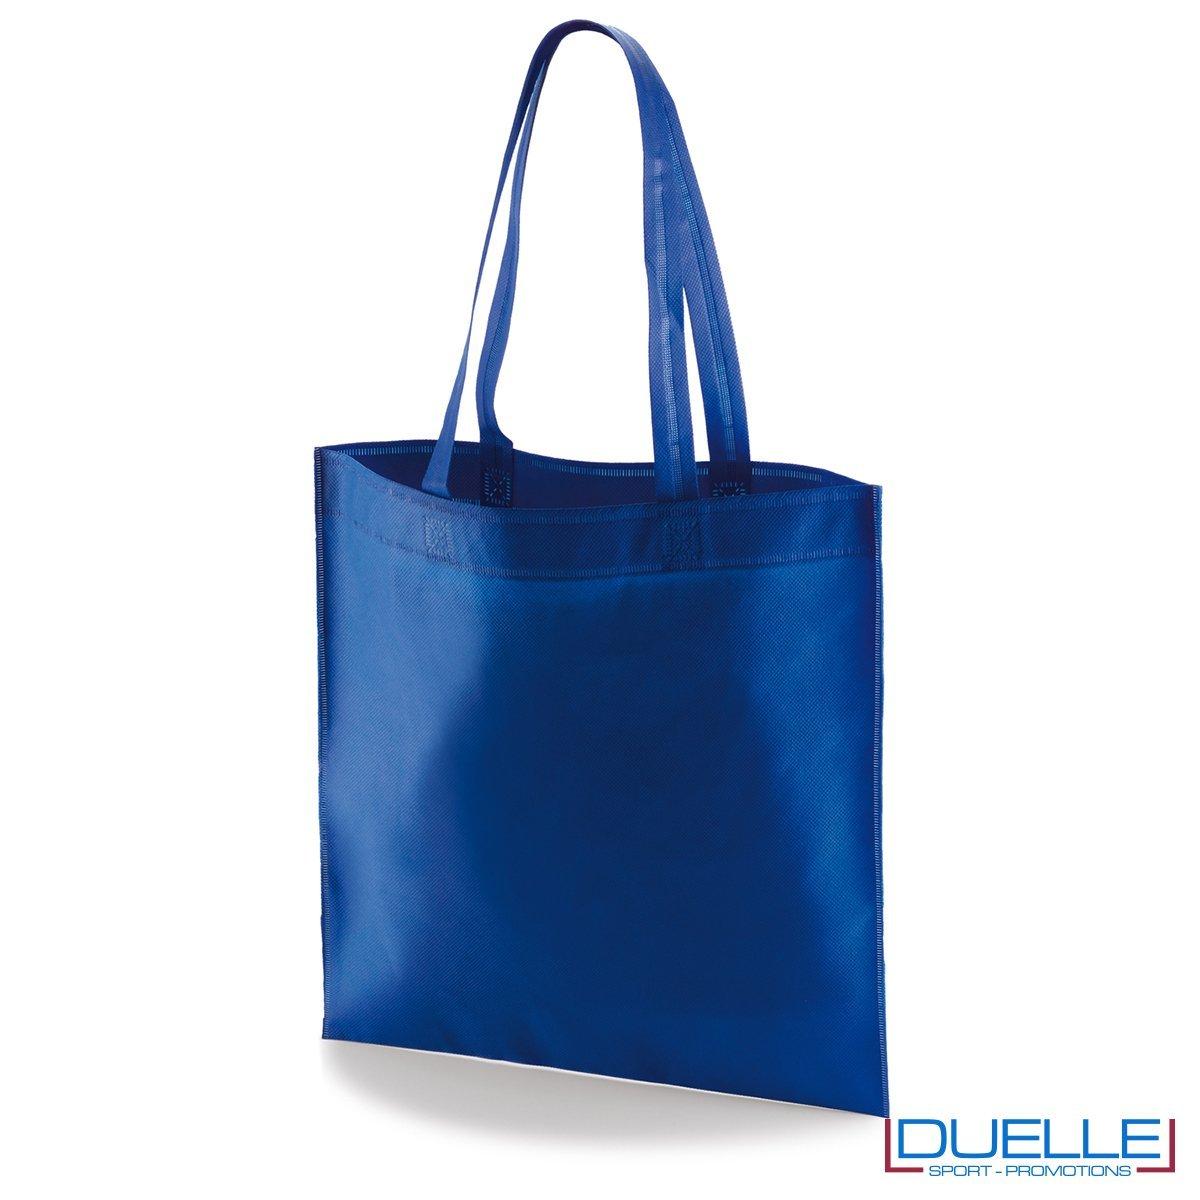 borsa shooper personalizzata in tnt termosaldato blu royal, offerta borse promozionali in tnt economiche blu royal